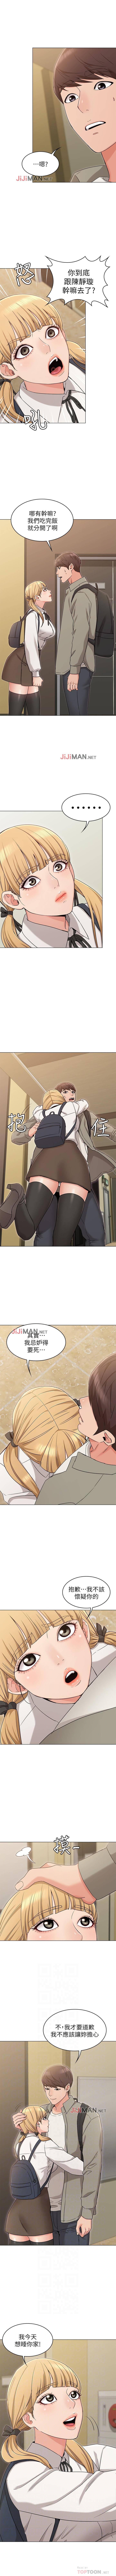 【周六连载】女友的姐姐(作者:橡果人&獵狗) 第1~23话 104